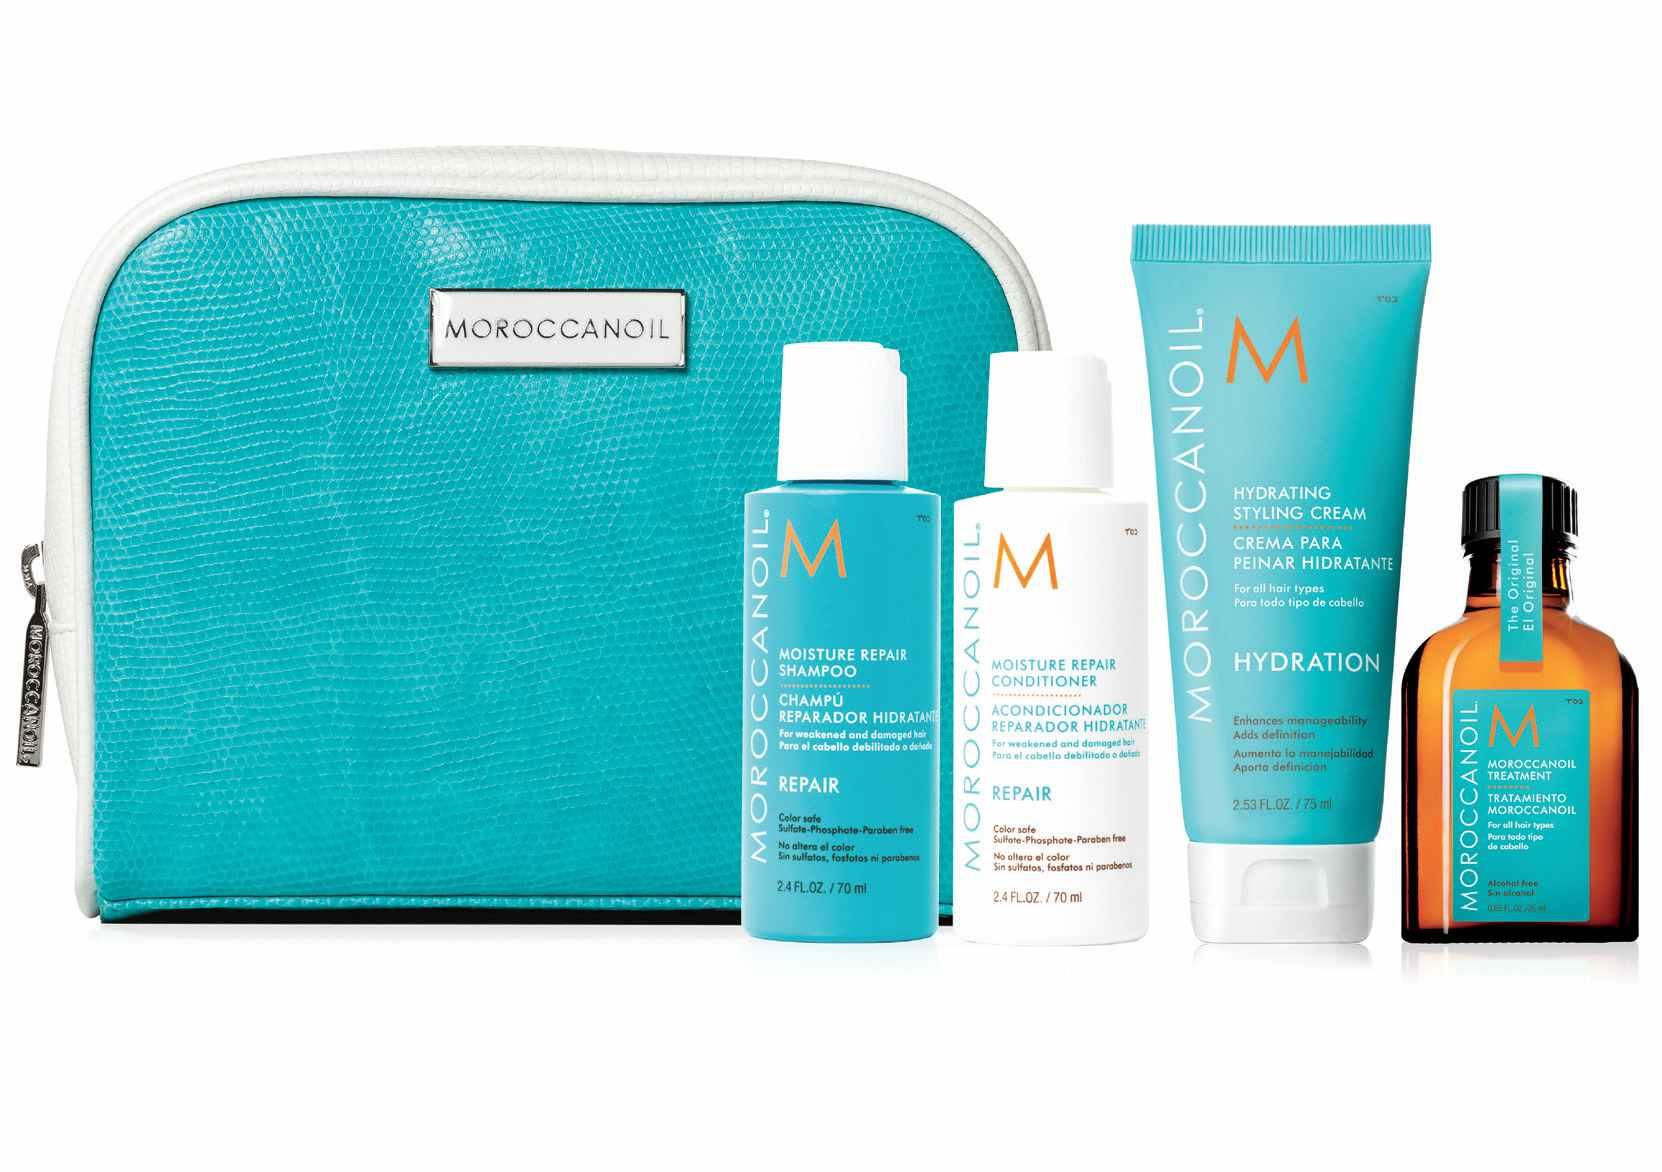 Moroccanoil Travel Kit